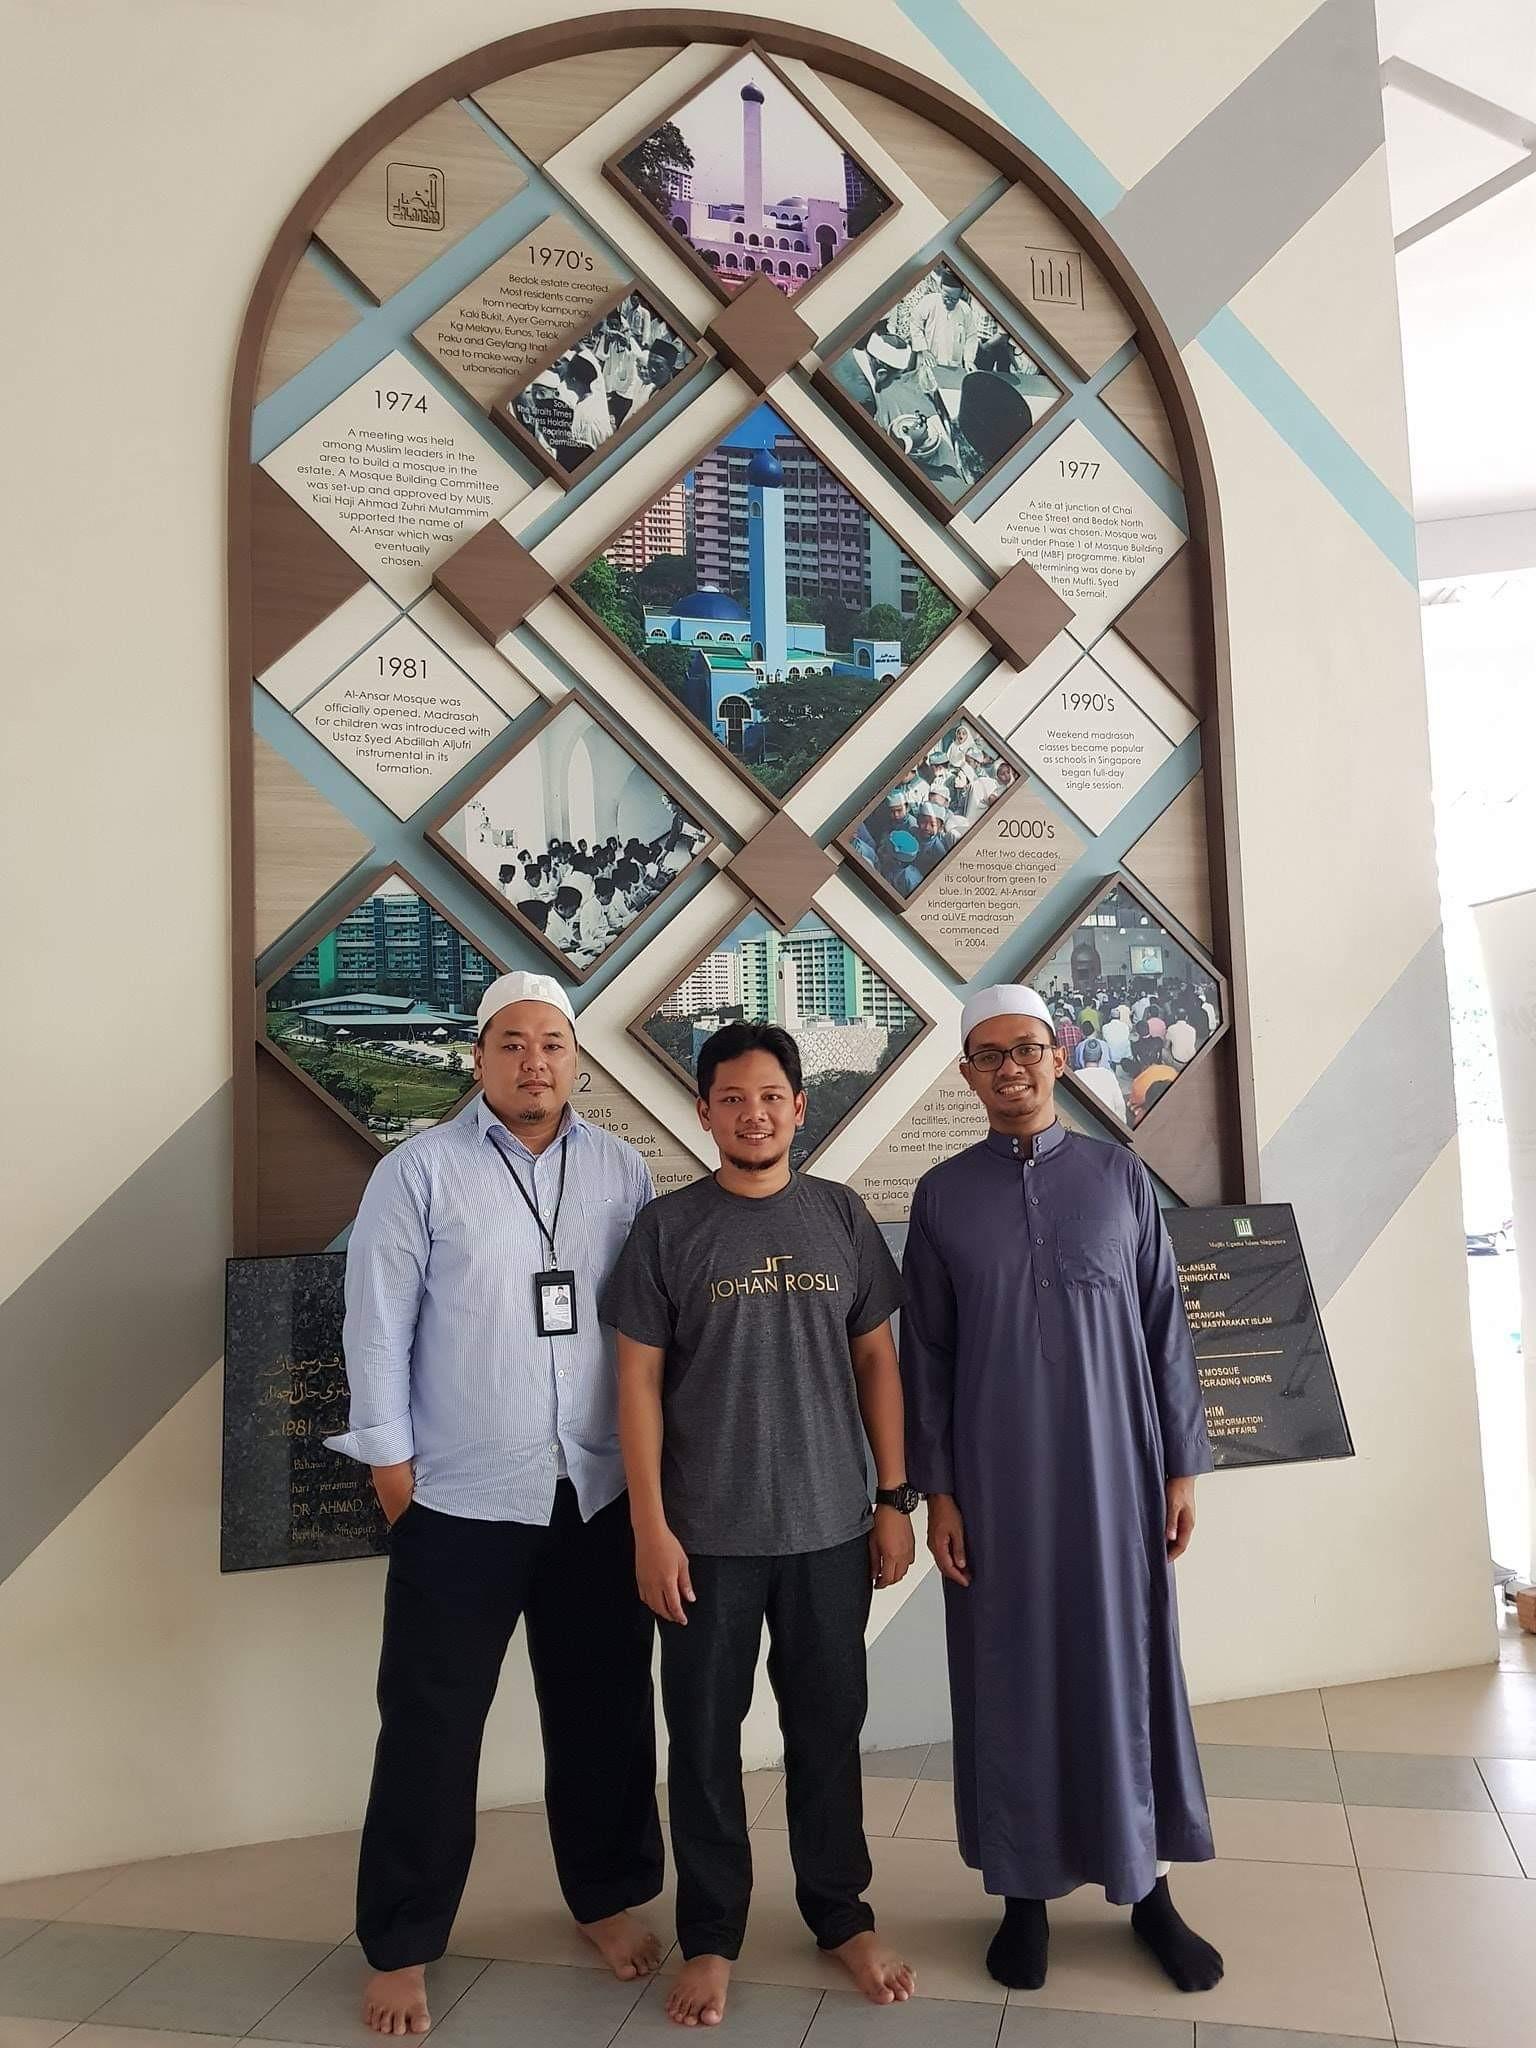 Tempahan jubah imam coat untuk masjid al-ansar bedok Singapura